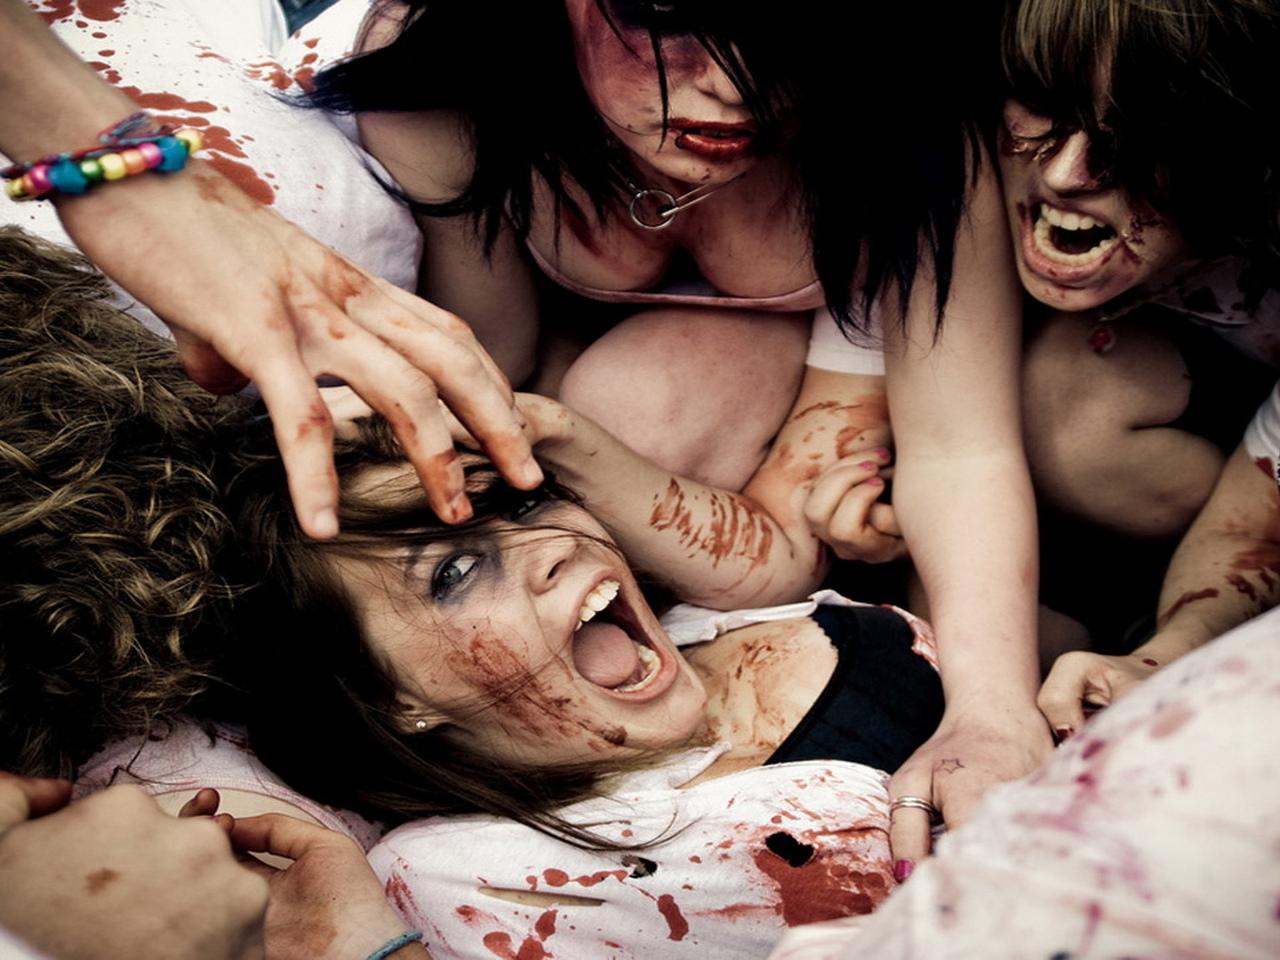 Смотреть онлайн порно девочкам больно 26 фотография